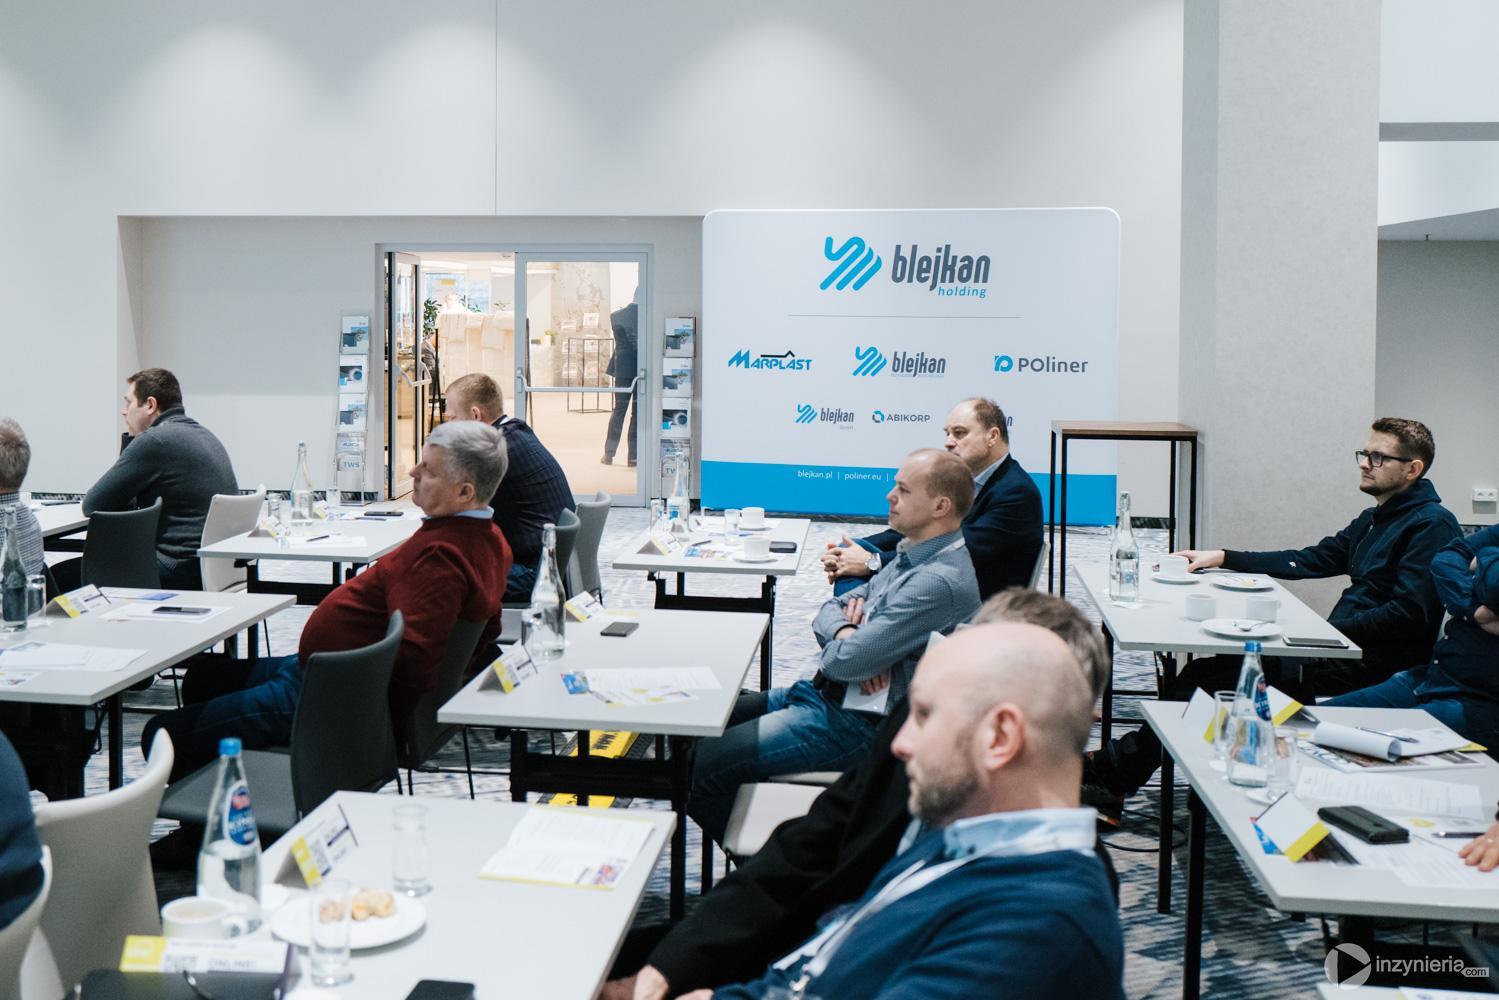 """Stoisko firmy BLEJKAN S.A. IV Konferencja """"Renowacja Wykładzinami (Rękawami) Utwardzanymi na Miejscu"""". Fot. Quality Studio dla www.inzynieria.com"""